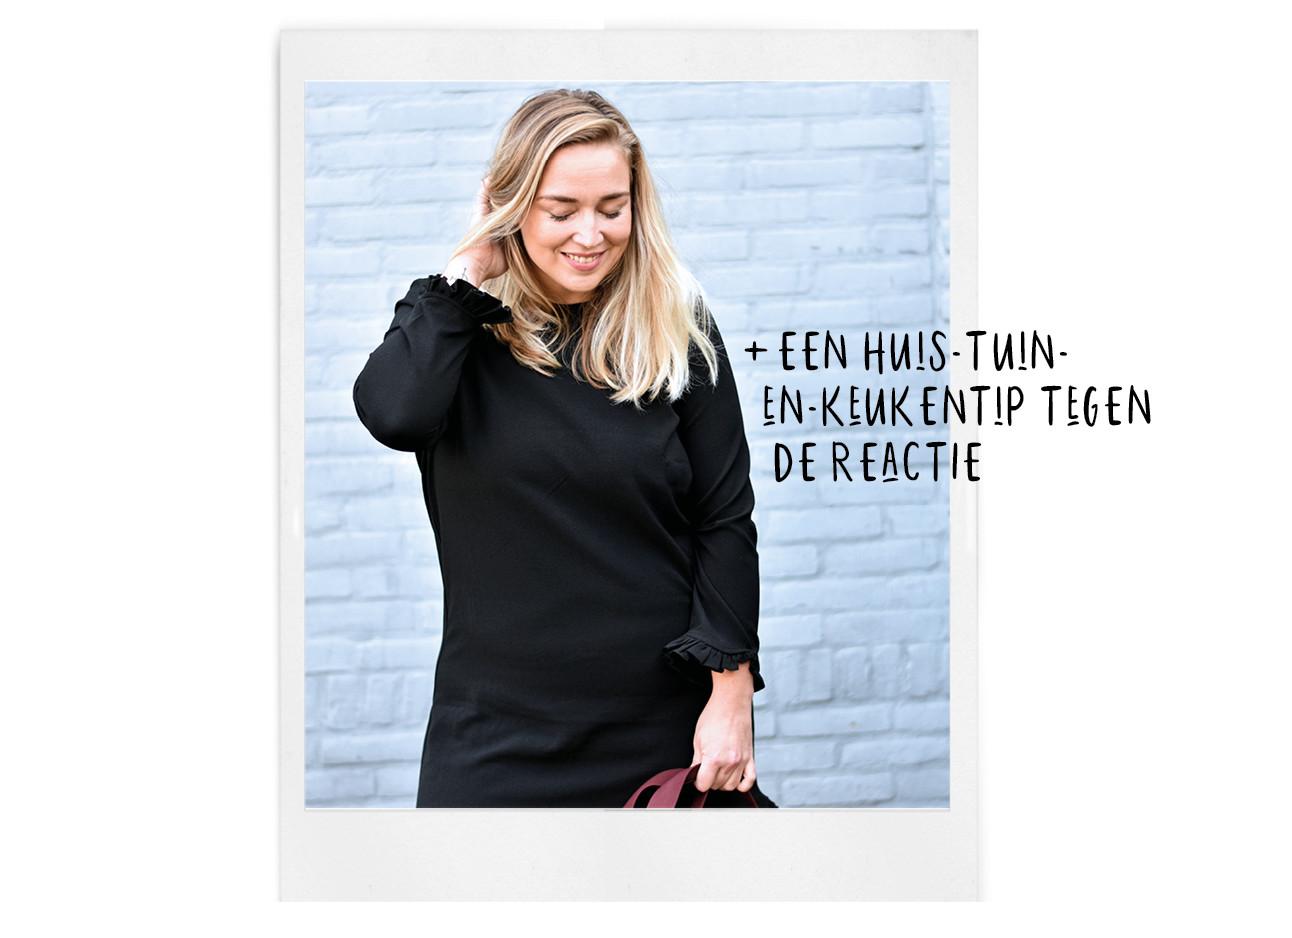 adeline lachend in een zwart jurkje kijkend naar beneden